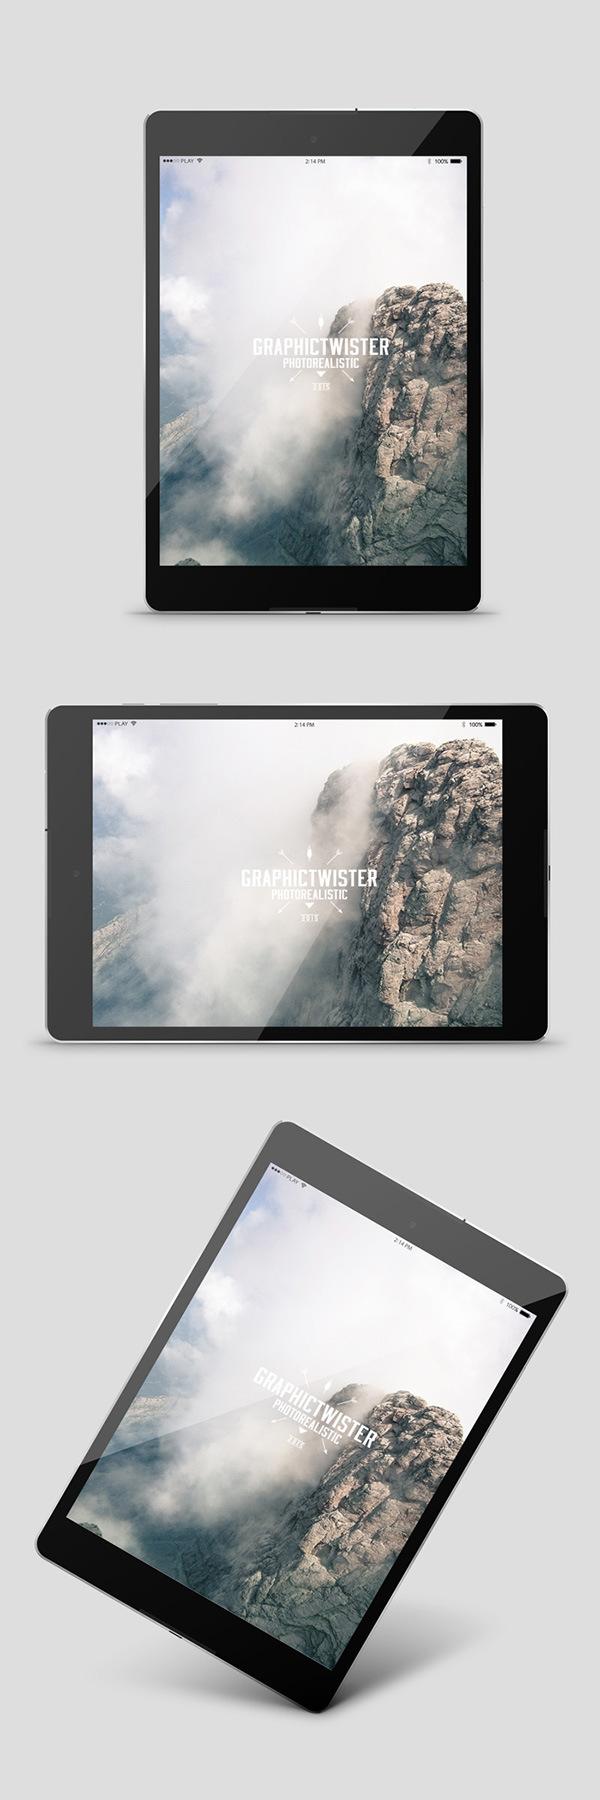 65 Free Smartphone Tablet Mock Up Templates Mockup Photoshop Mockup Mockup Design